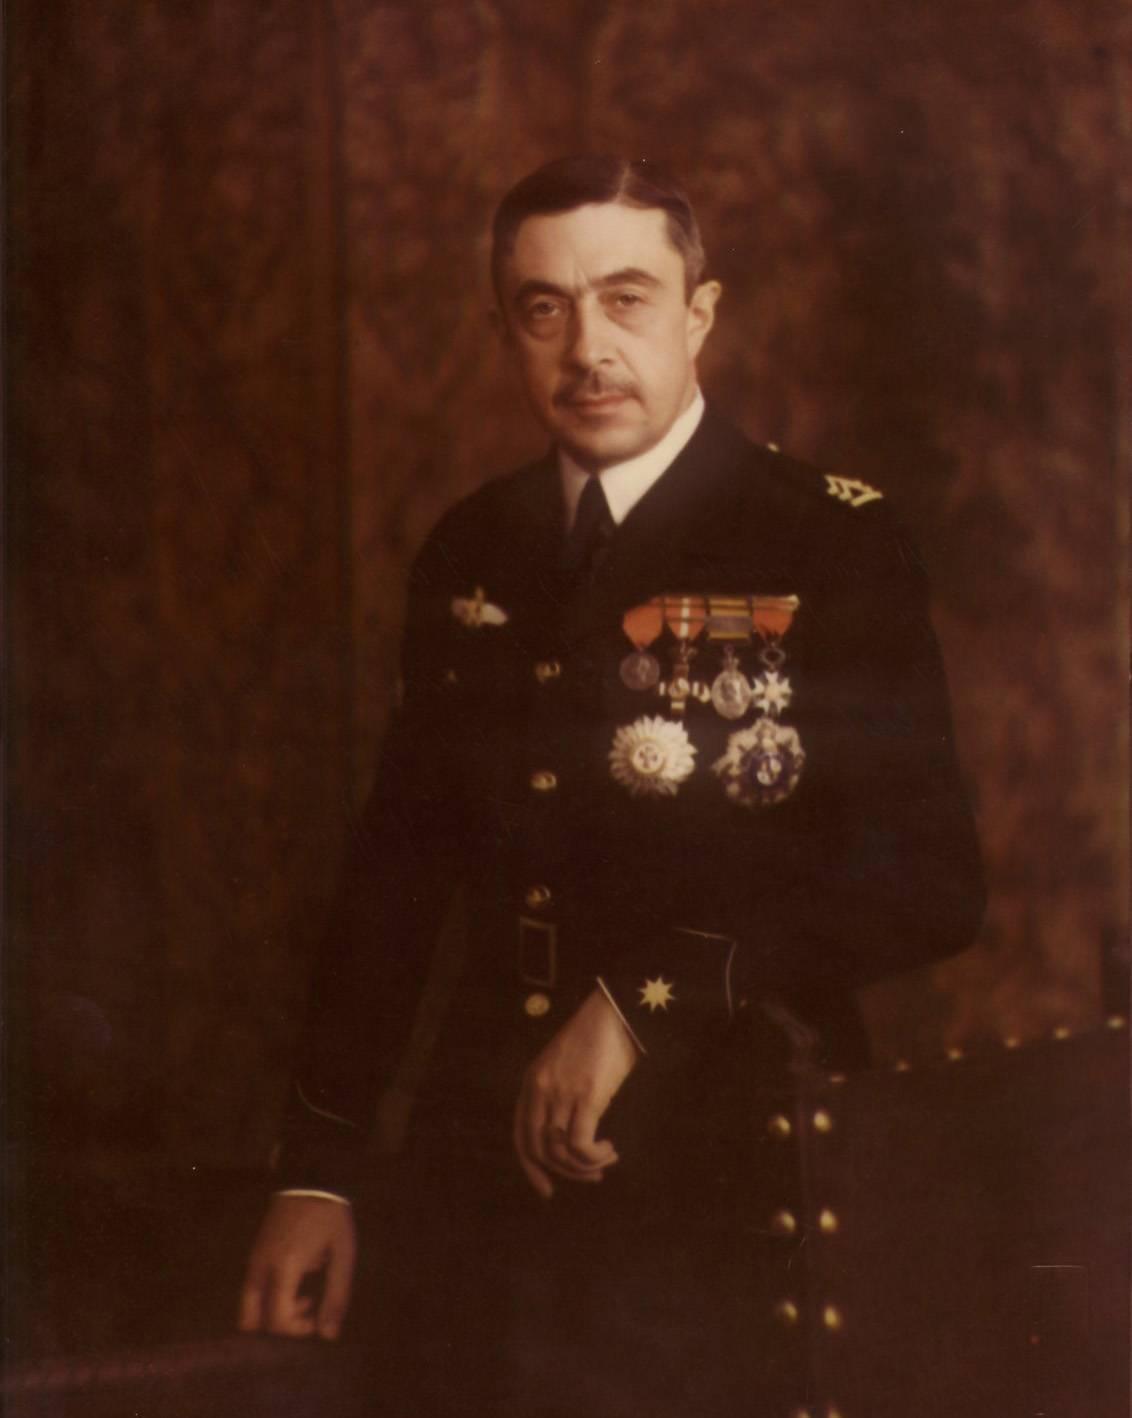 Retrato del ingeniero militar Emilio Herrera. / Instituto de Historia y Cultura Aeronáuticas